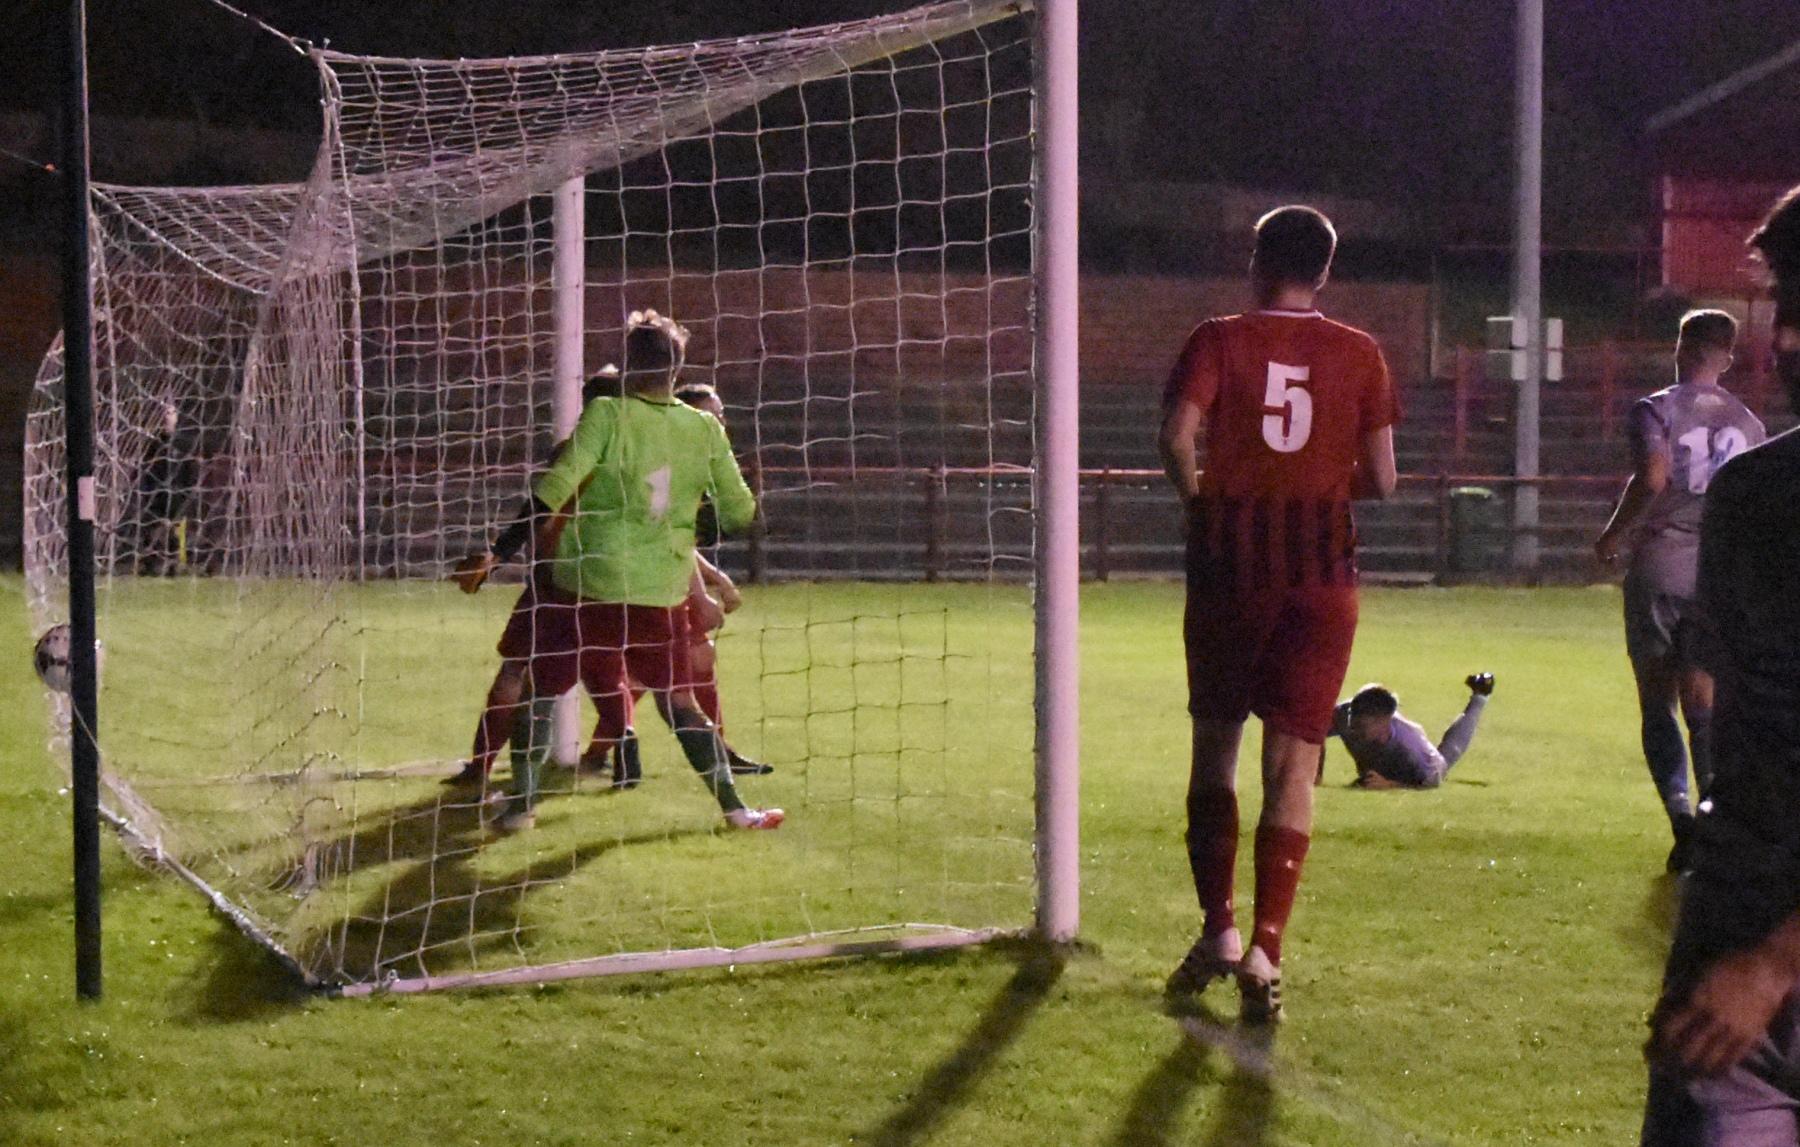 Workington-Reds-v-Moor-Row-Ben-Challis-13